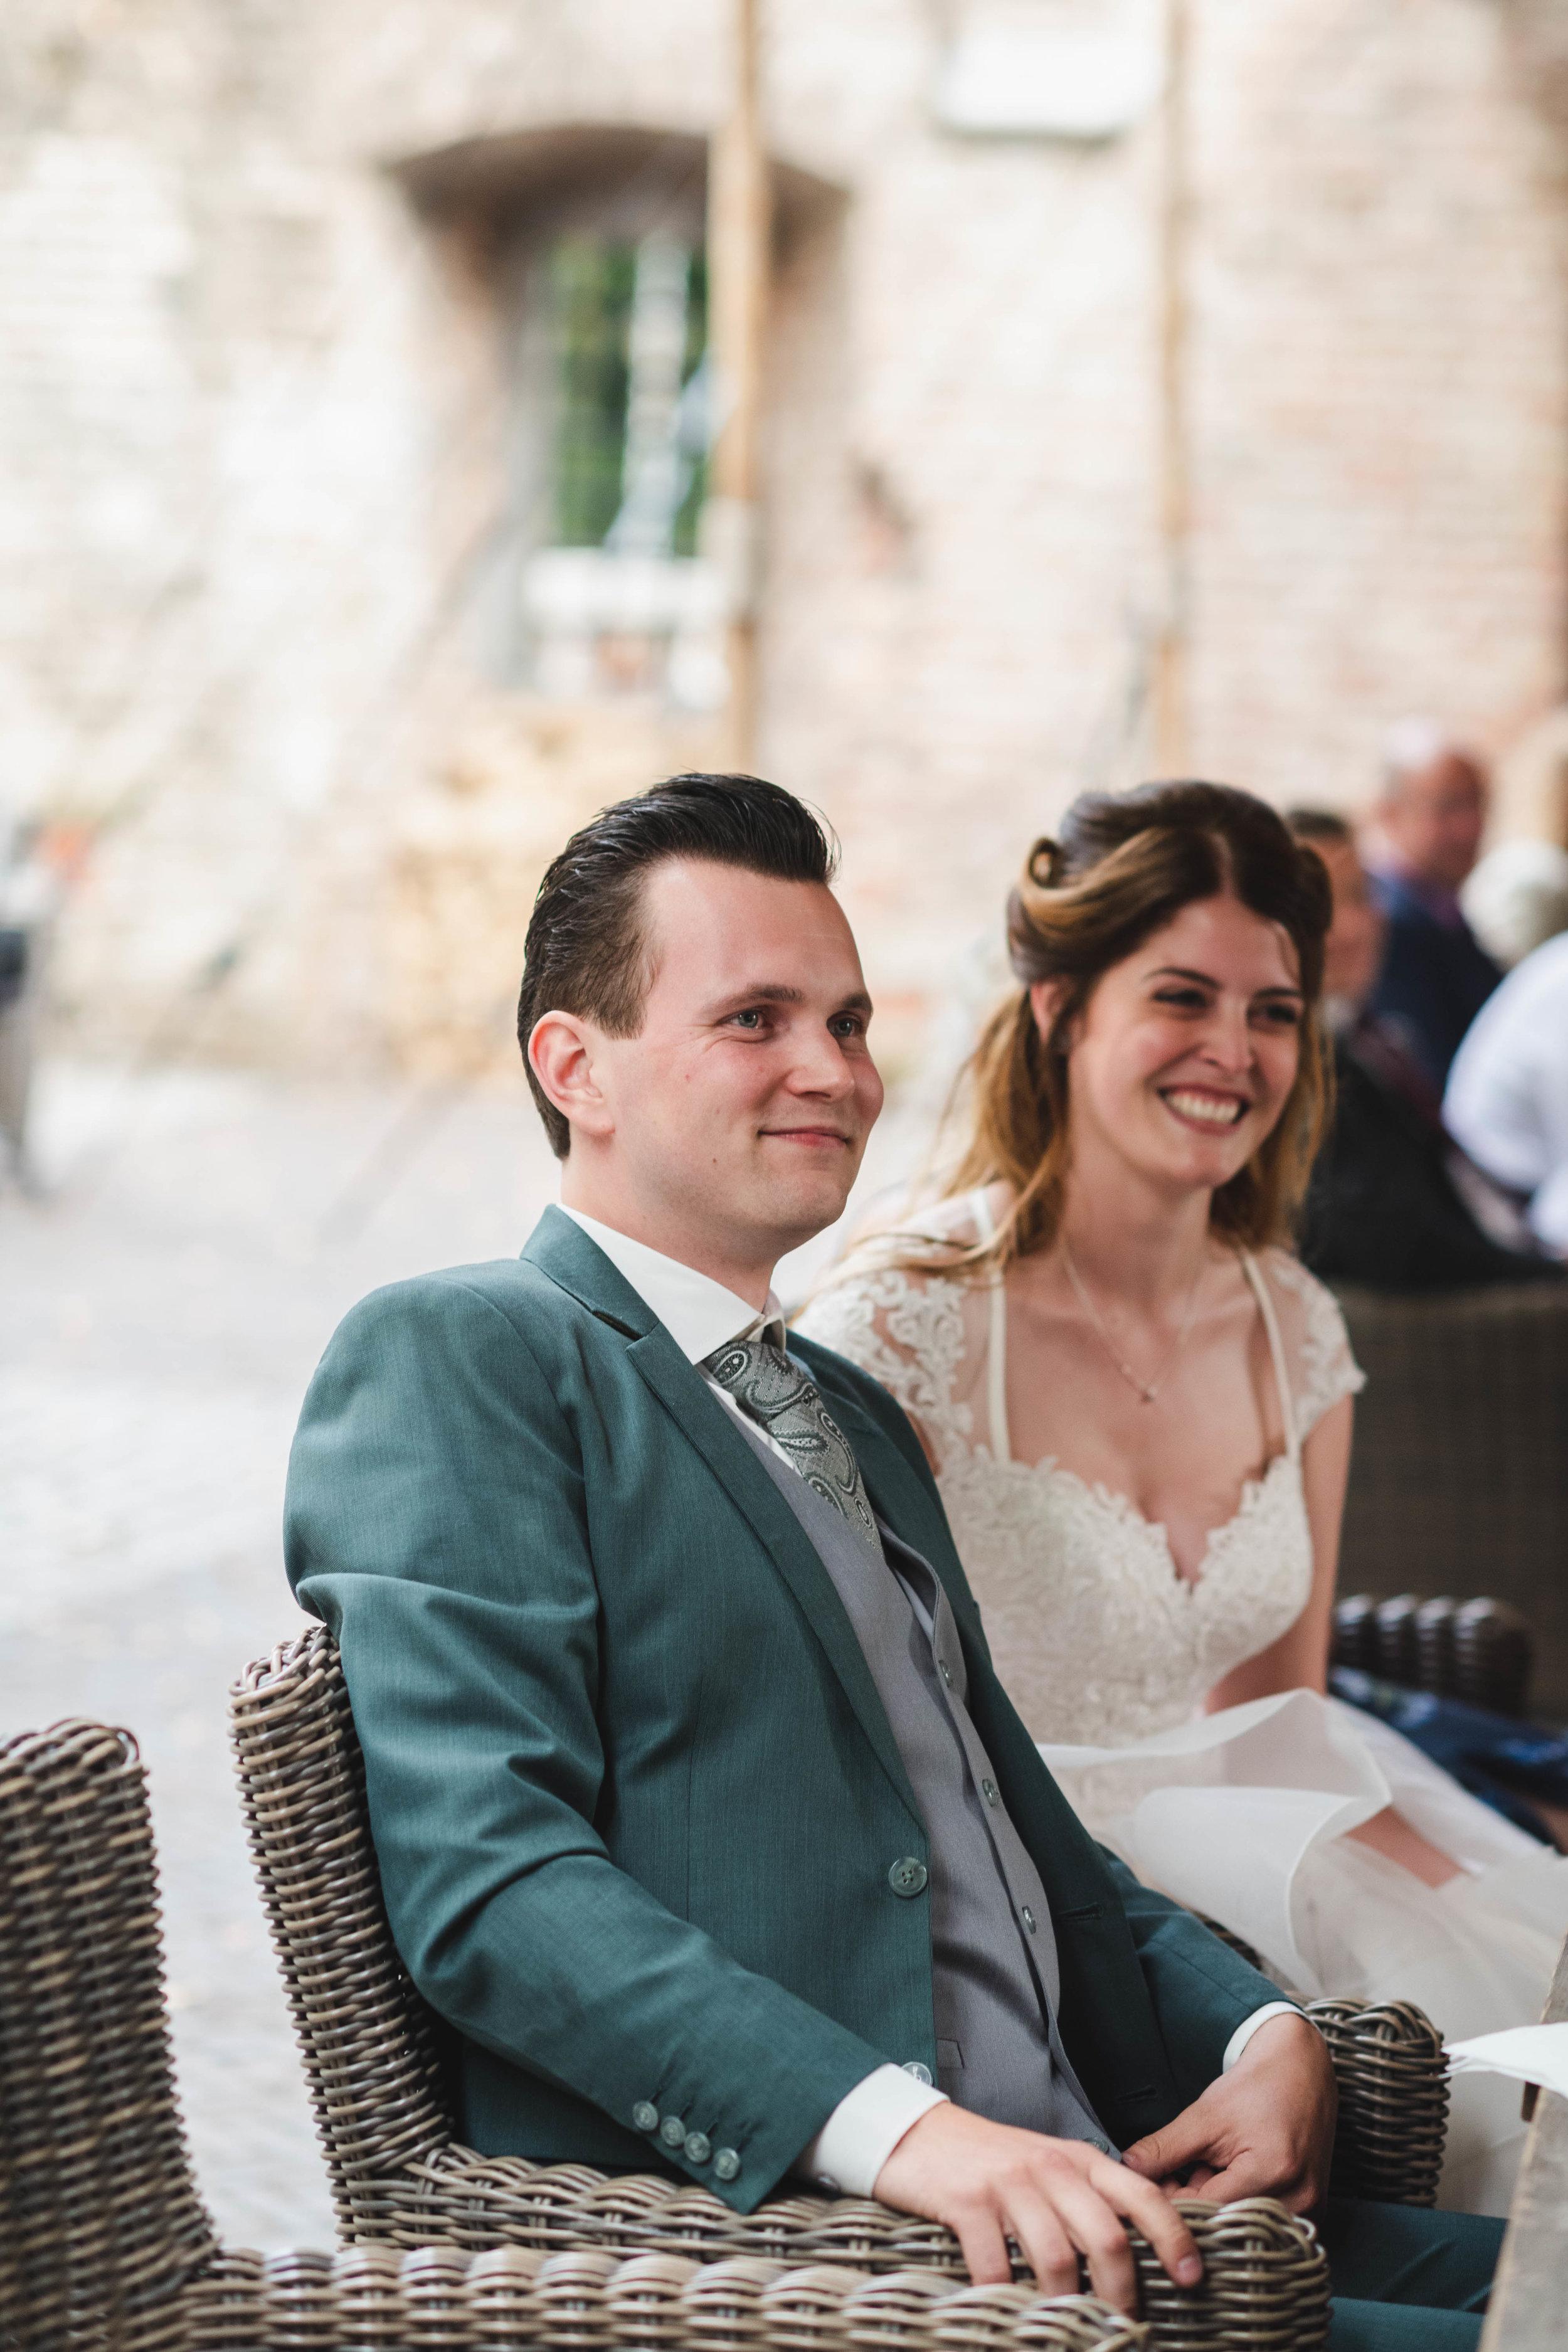 De bruidegom kijkt naar de speech van zijn vader. Deze emoties zijn mooi om terug te zien in een bruidsreportage.